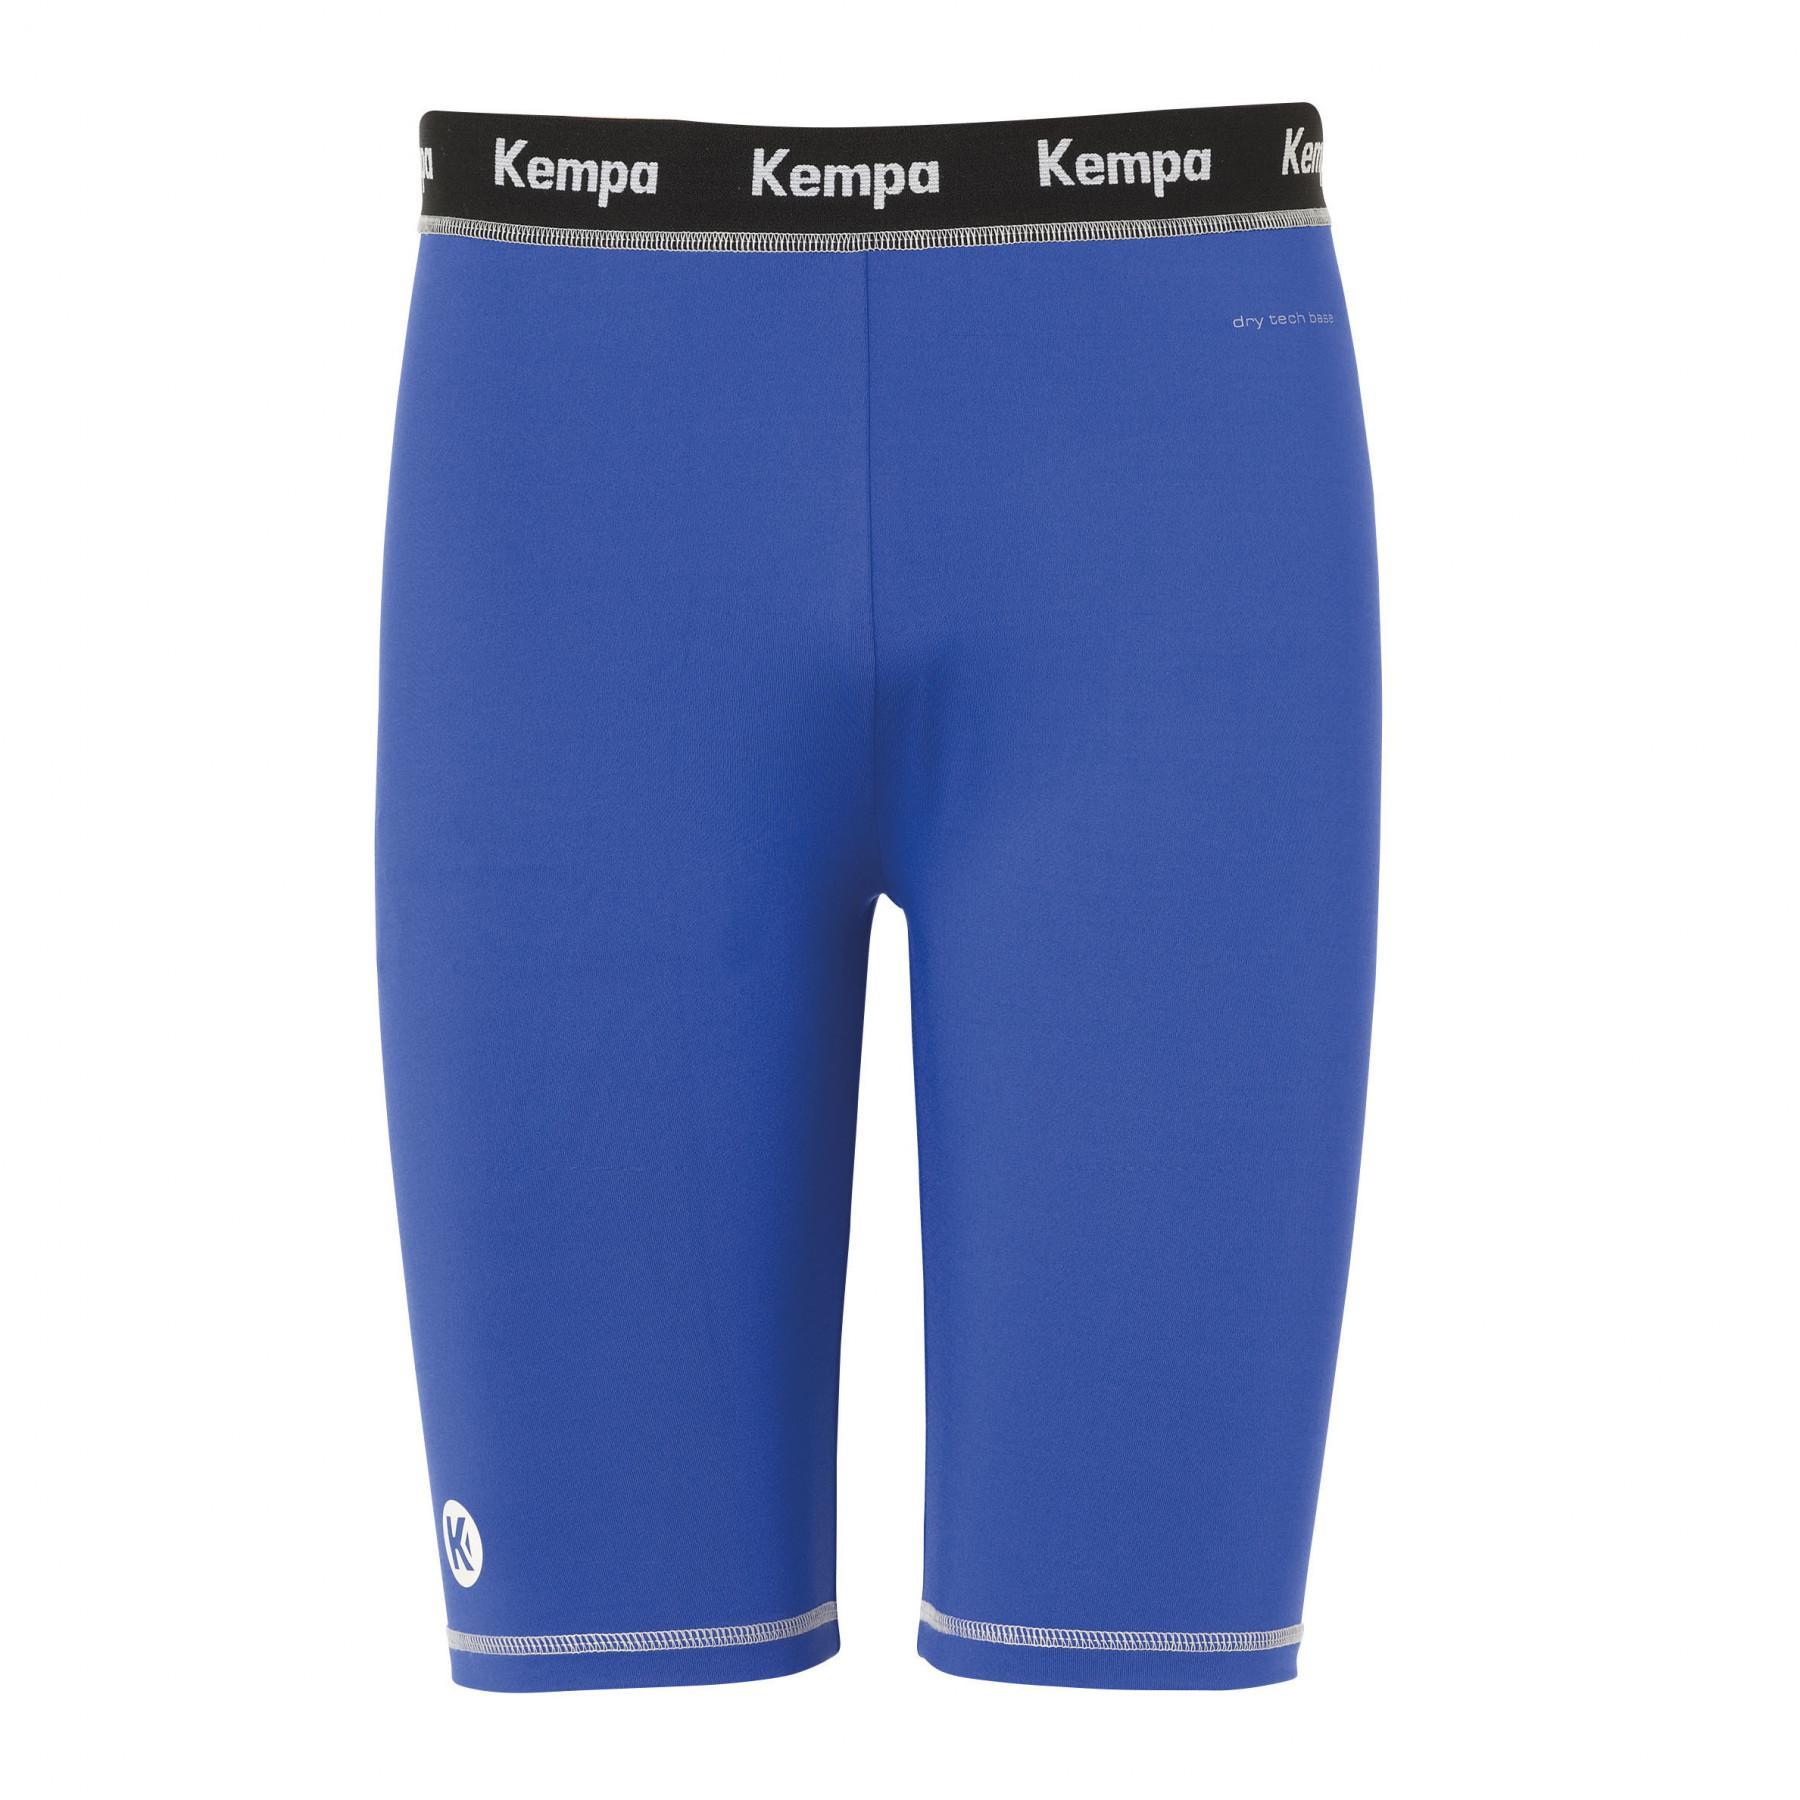 Compression Shorts Kempa Attitude